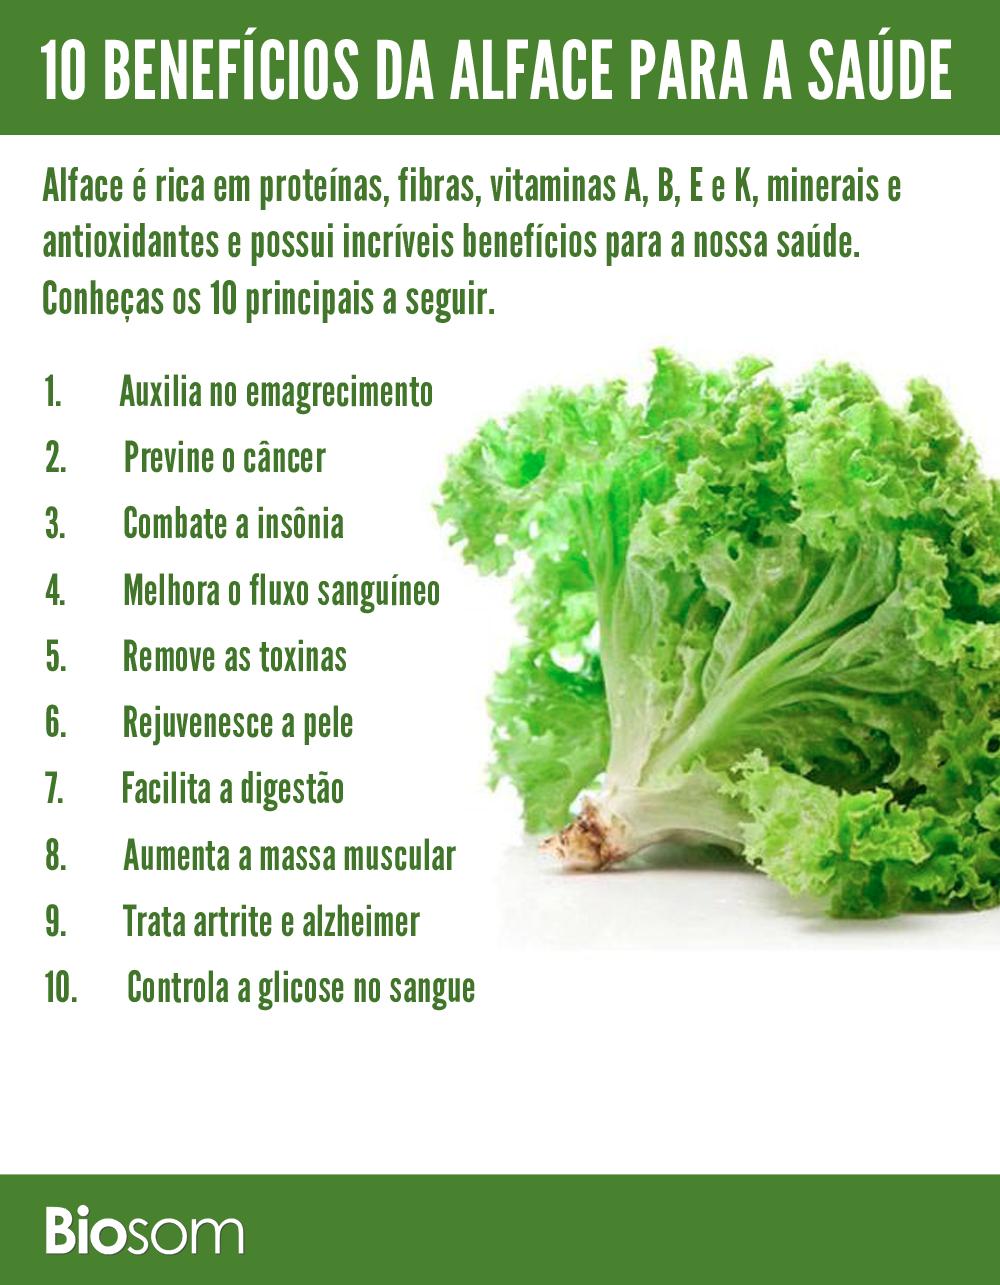 10 Benefícios Incríveis da Alface para a Saúde - Biosom